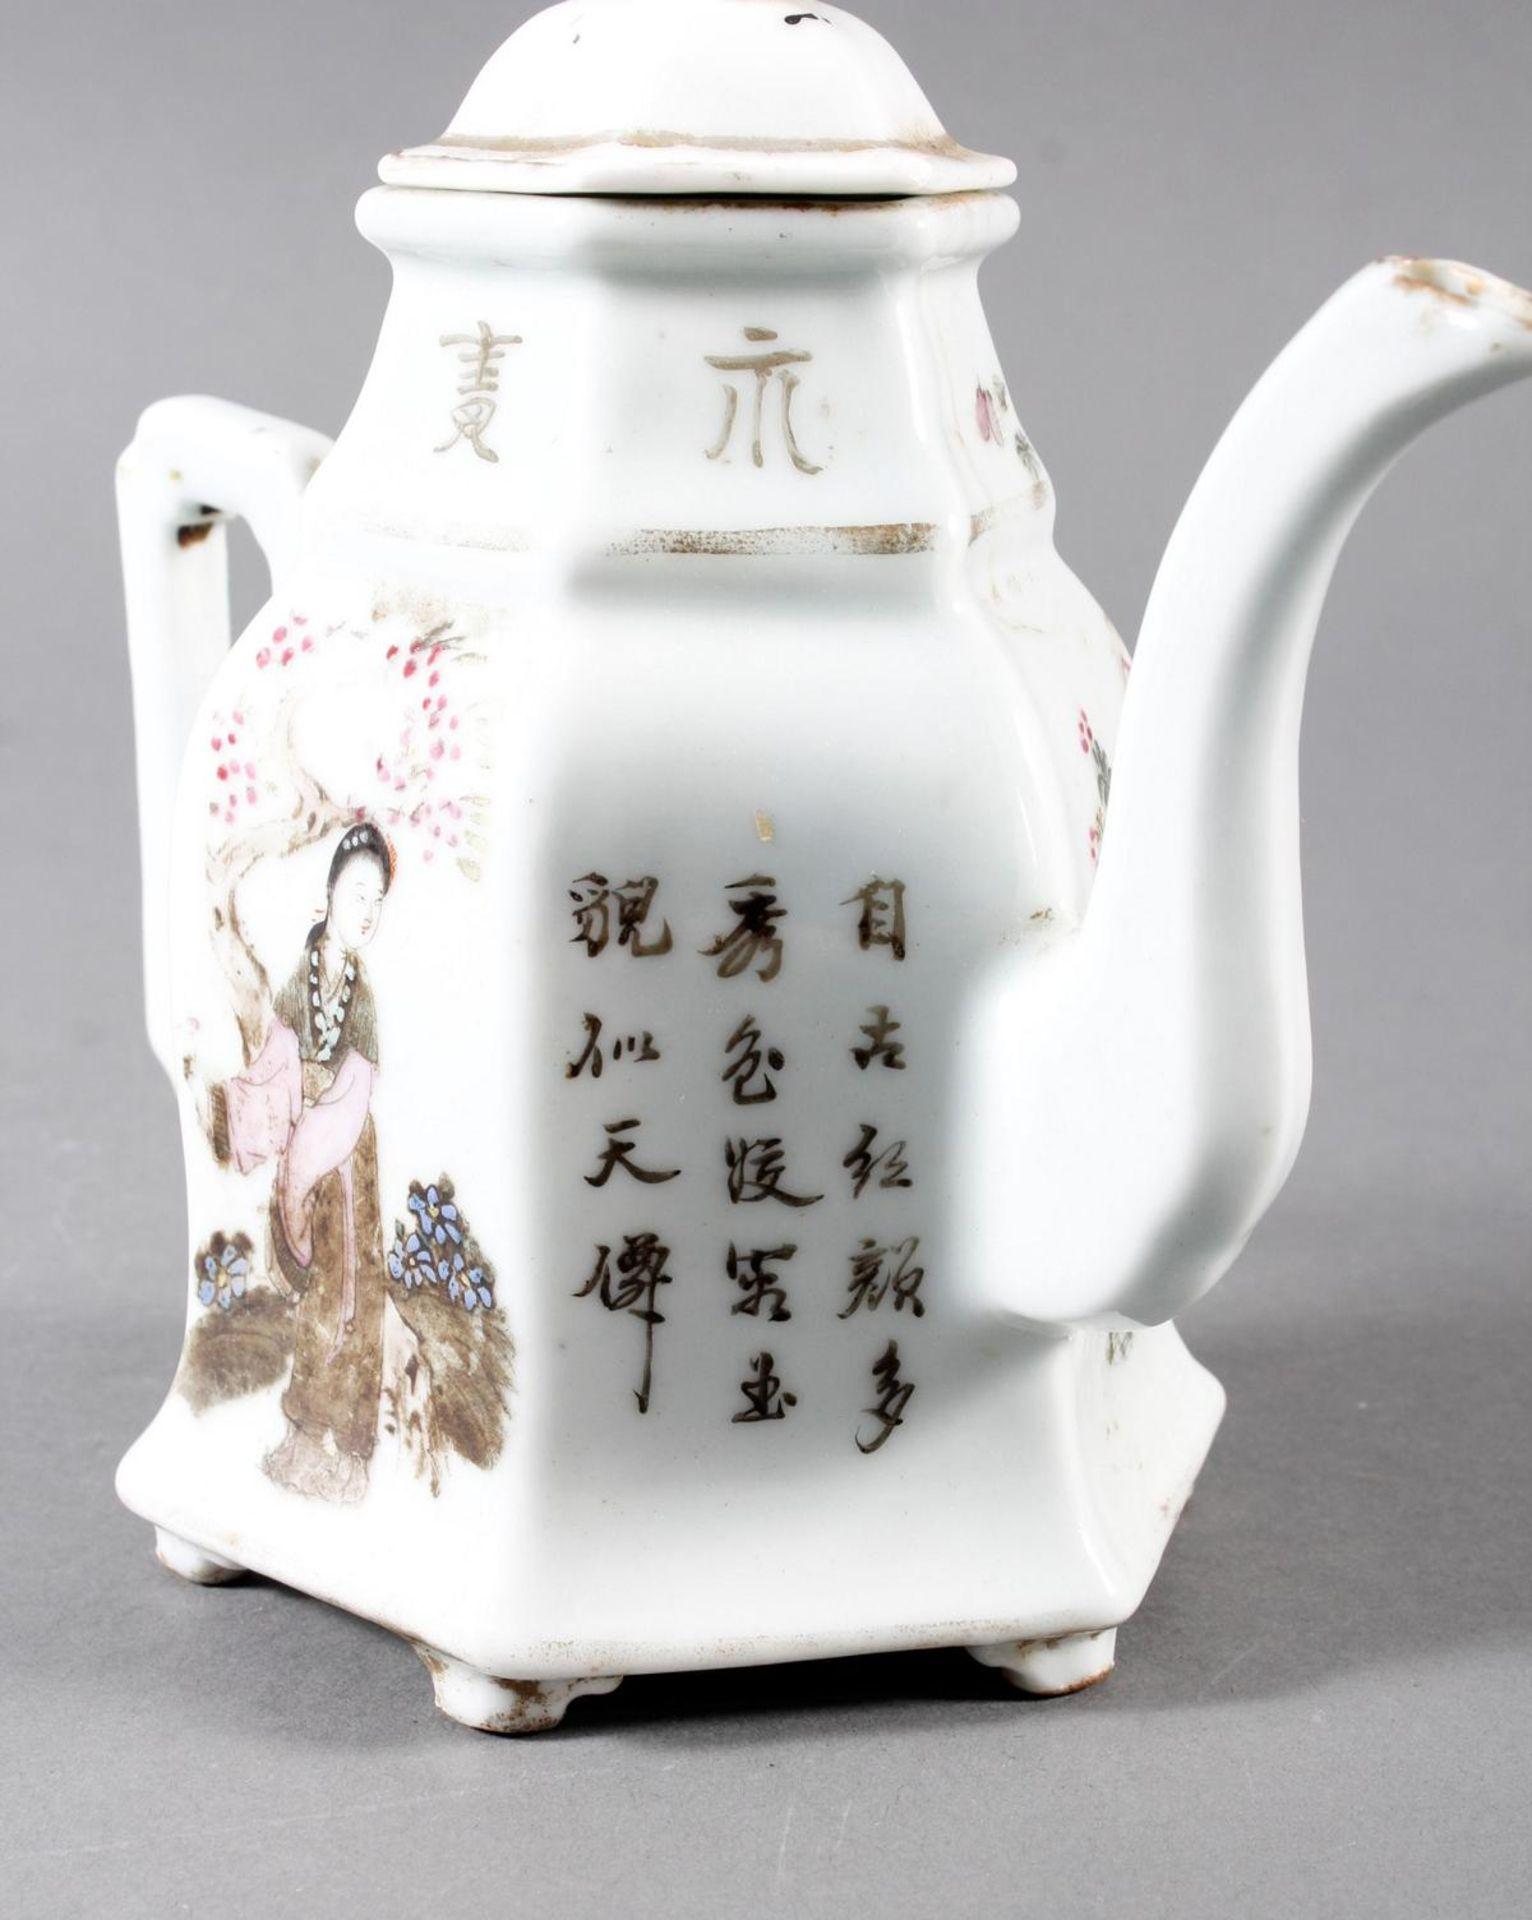 Porzellan Teekann, China, 19. Jahrhundert - Bild 9 aus 15